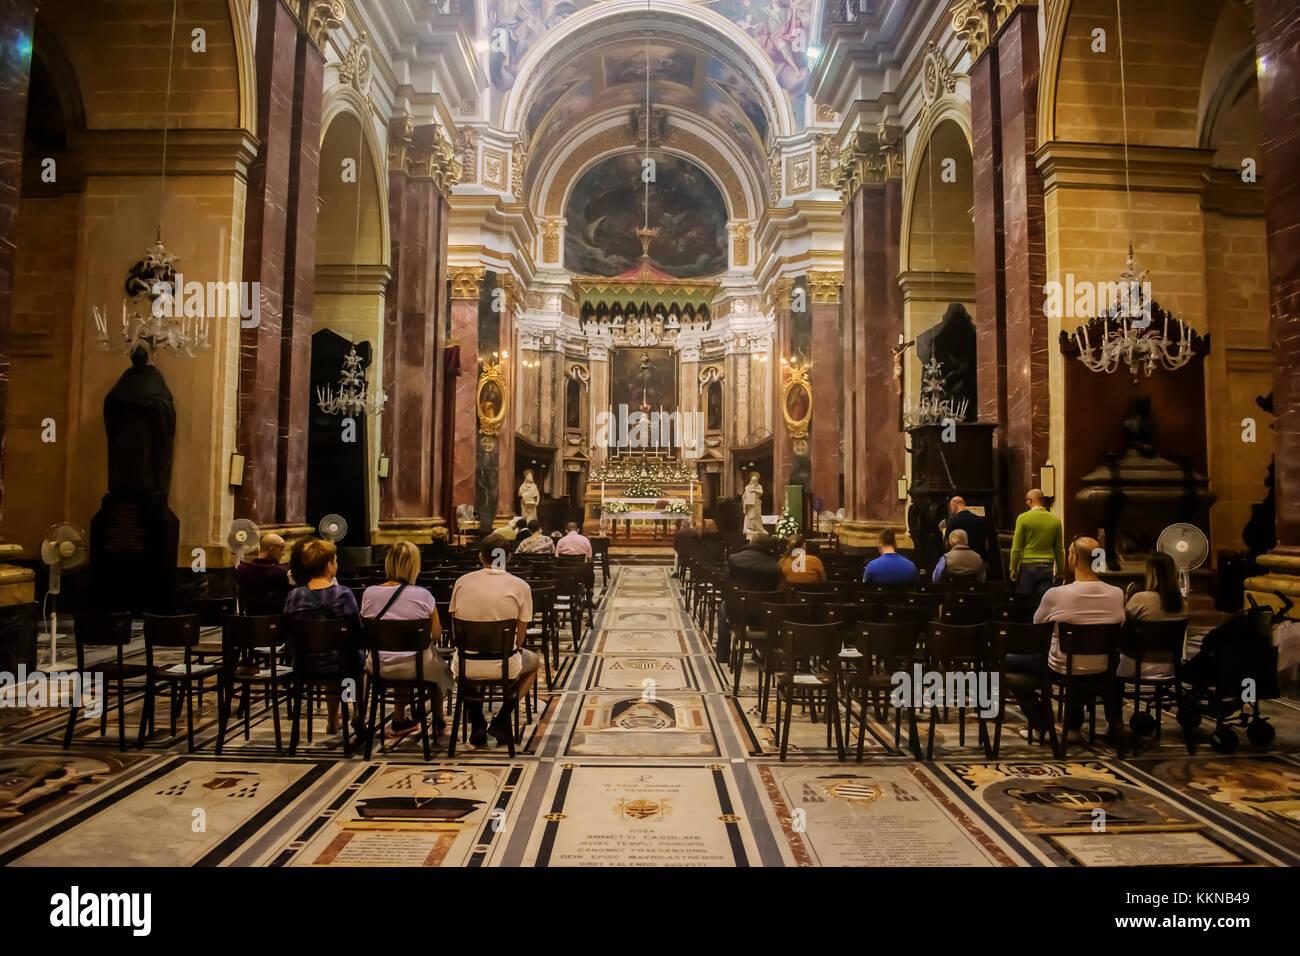 Menschen, die sich in St. Paul's Kathedrale in Mdina, Malta. Stockbild